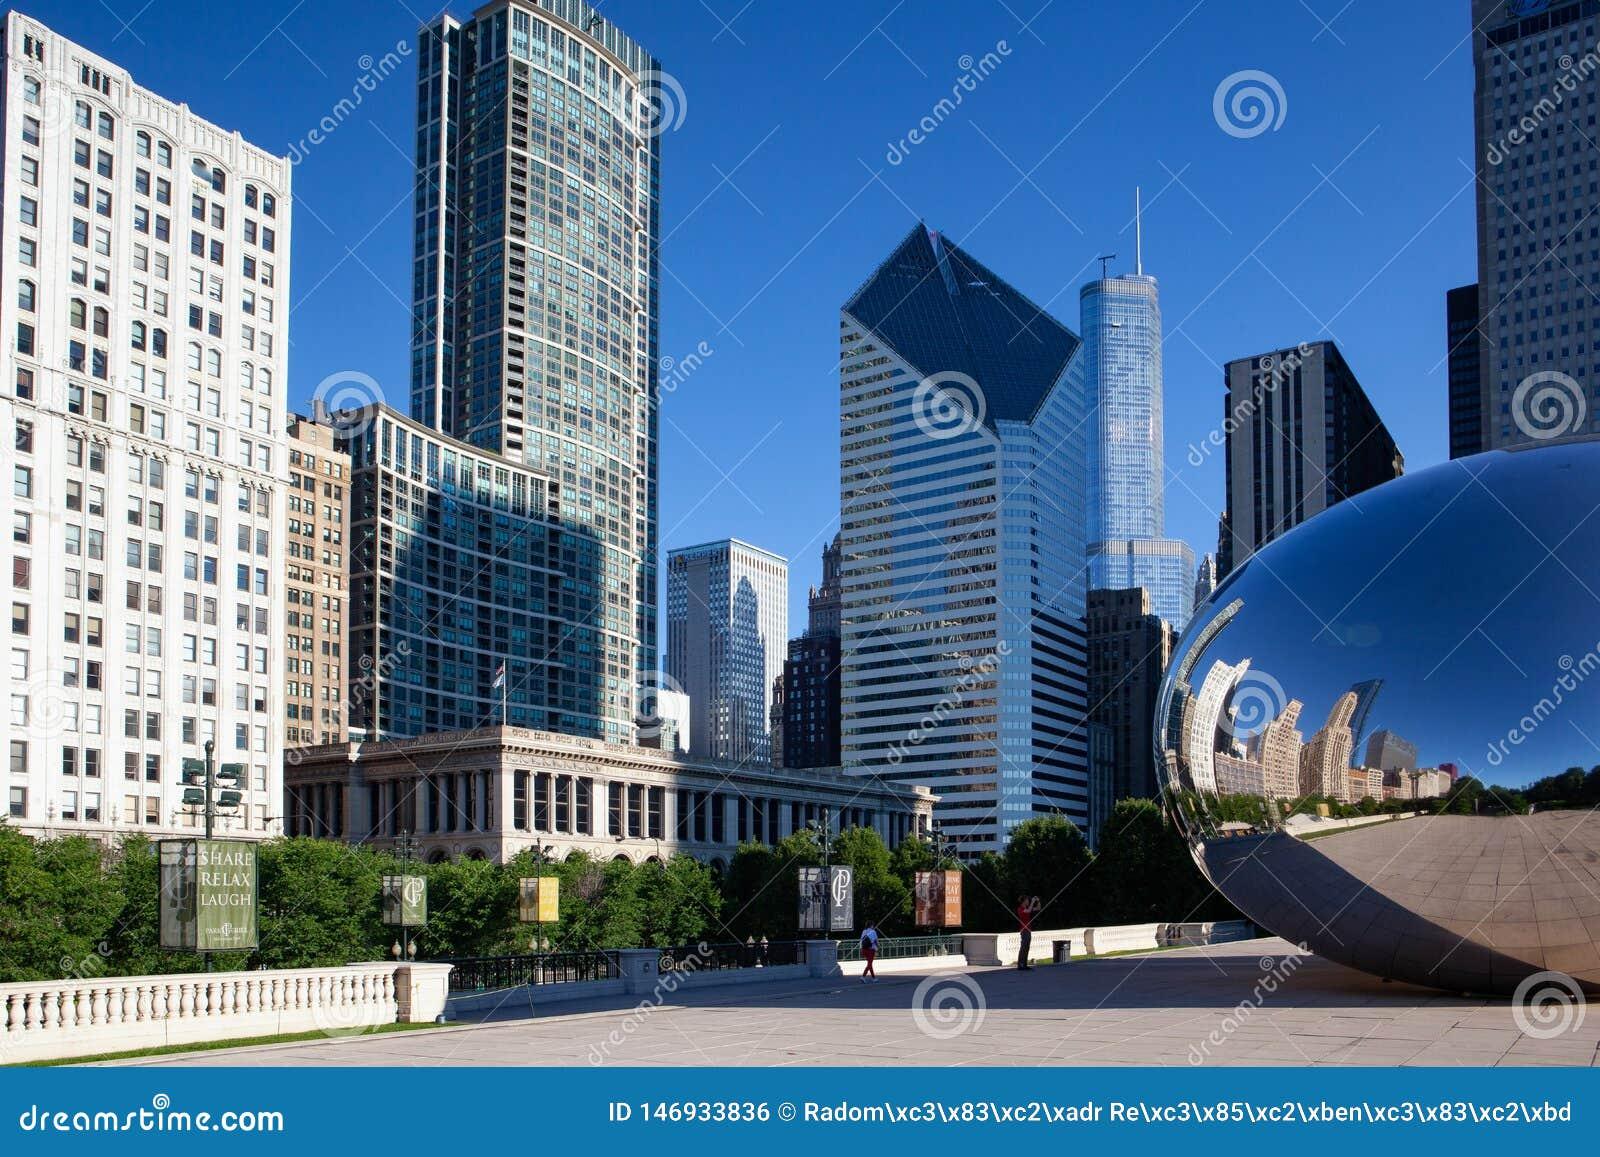 Cloud Gate, the famous public sculpture, Chicago, USA